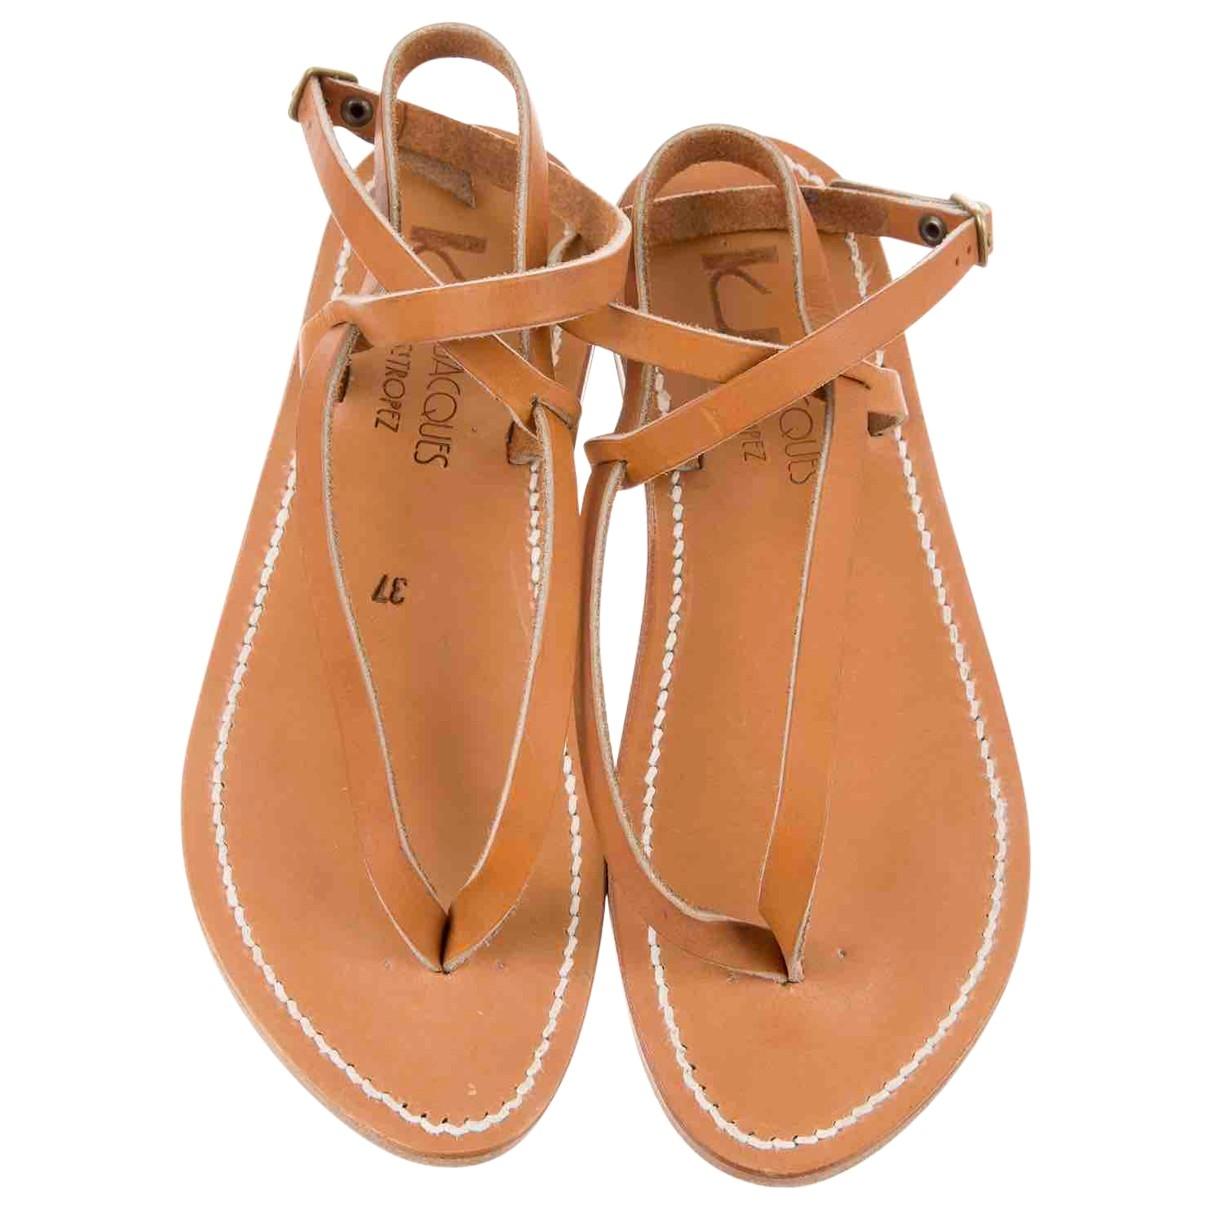 Sandalias romanas de Cuero K Jacques